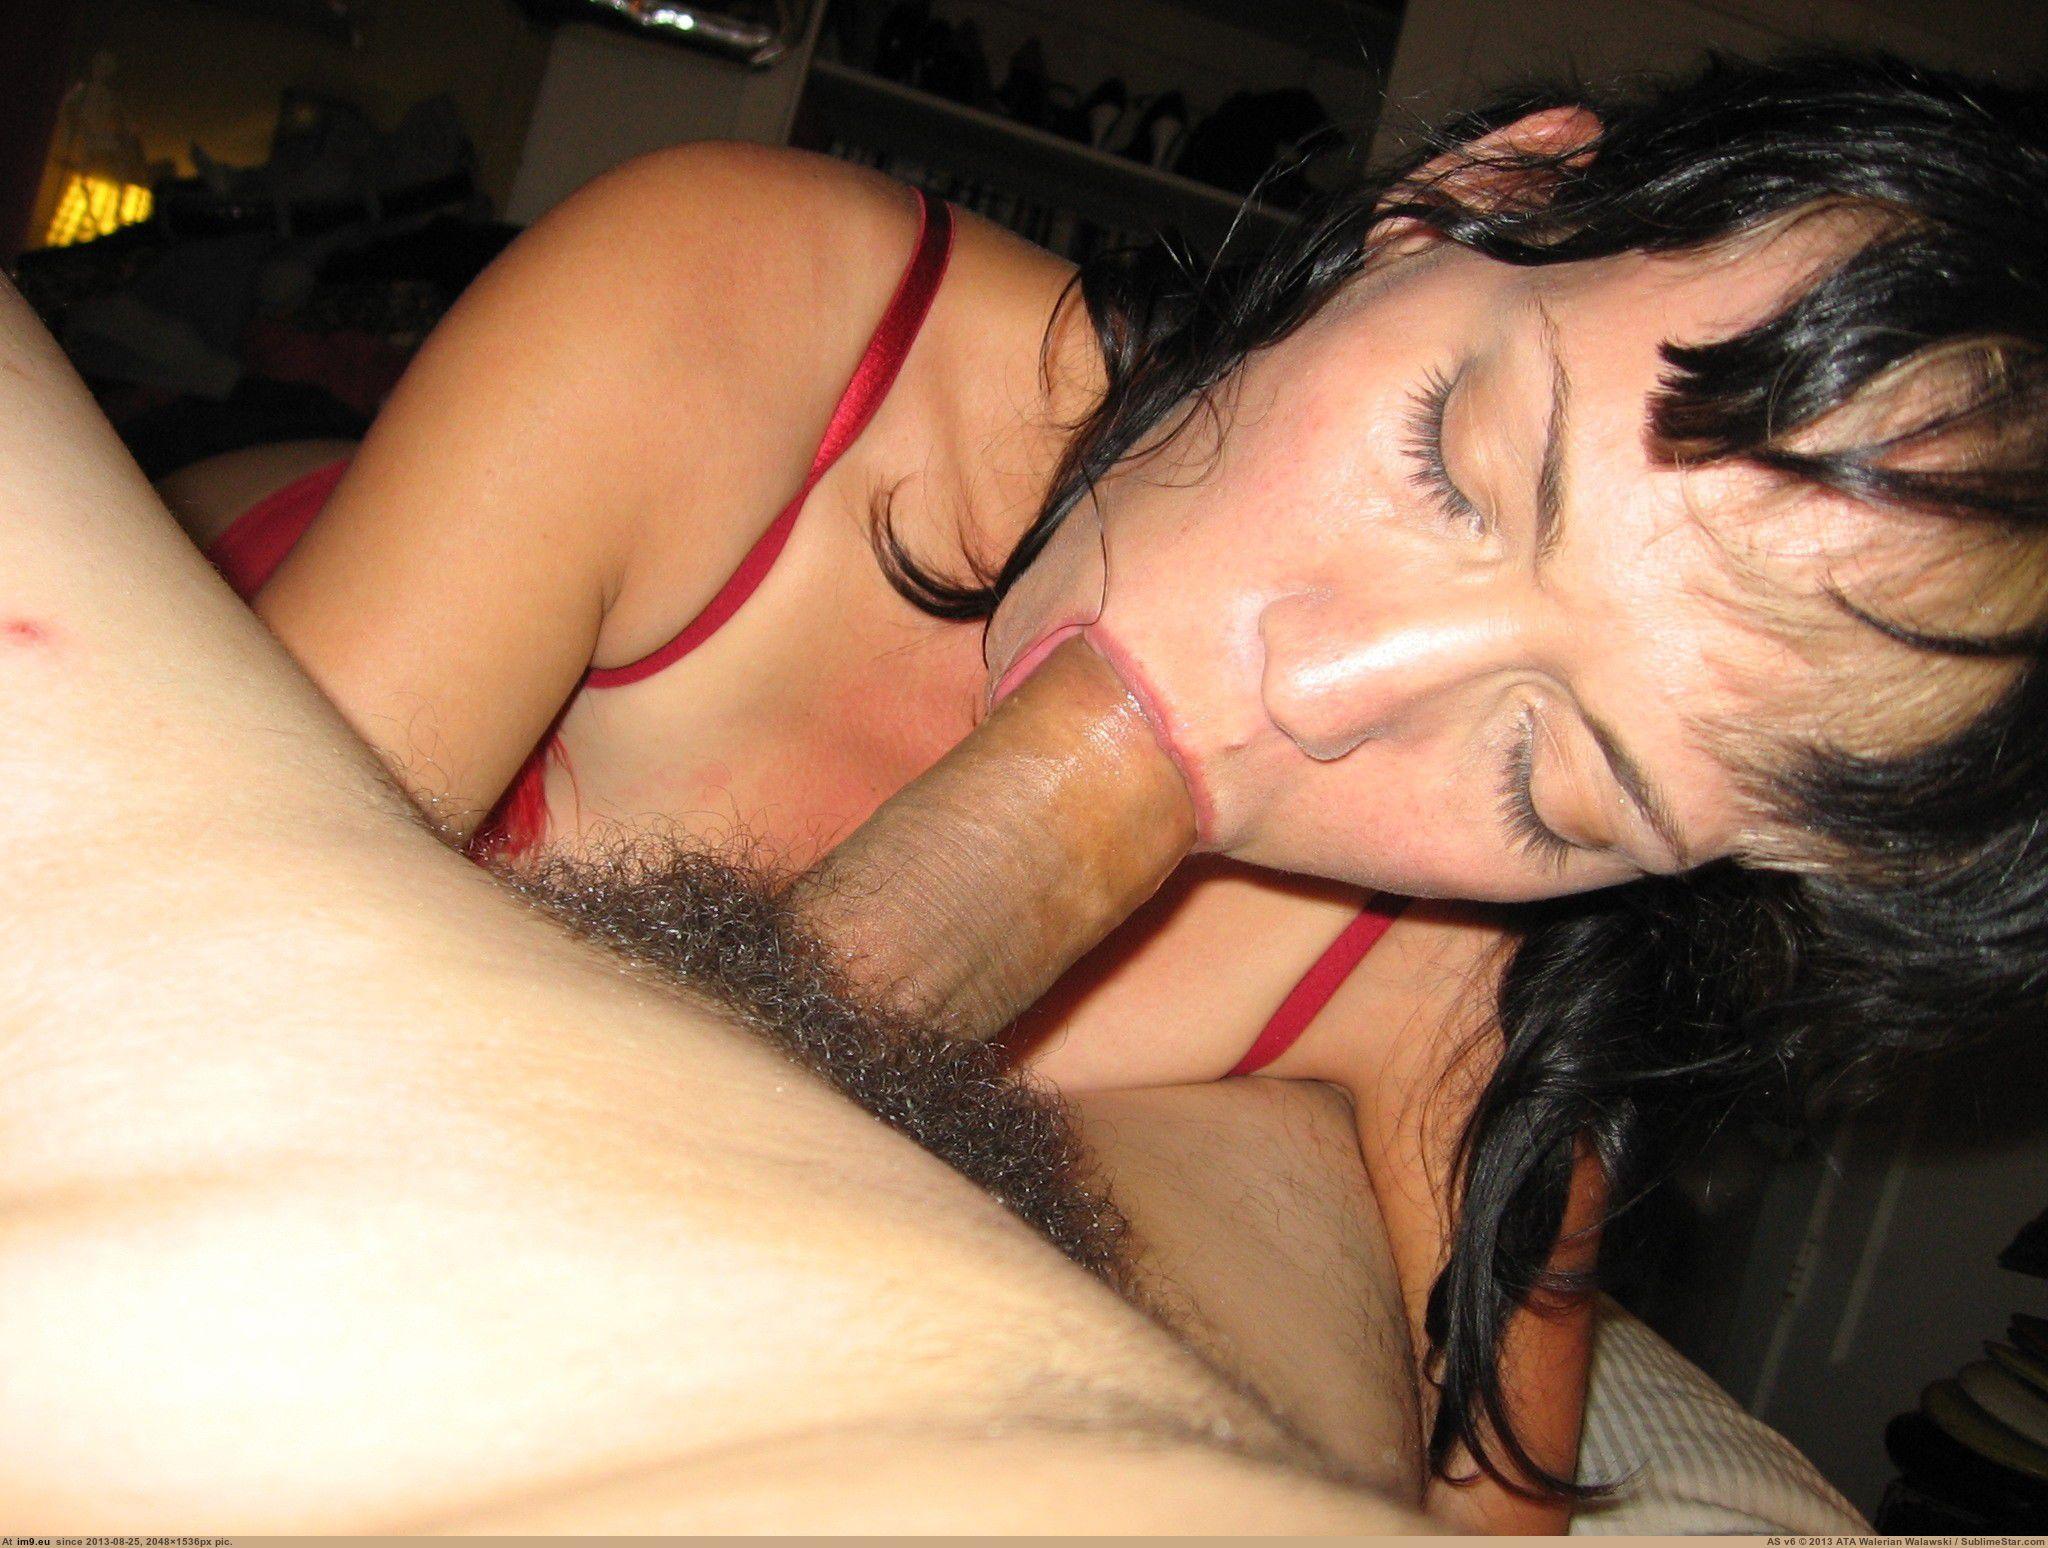 Секс с берковой смотреть в онлайн 1 фотография